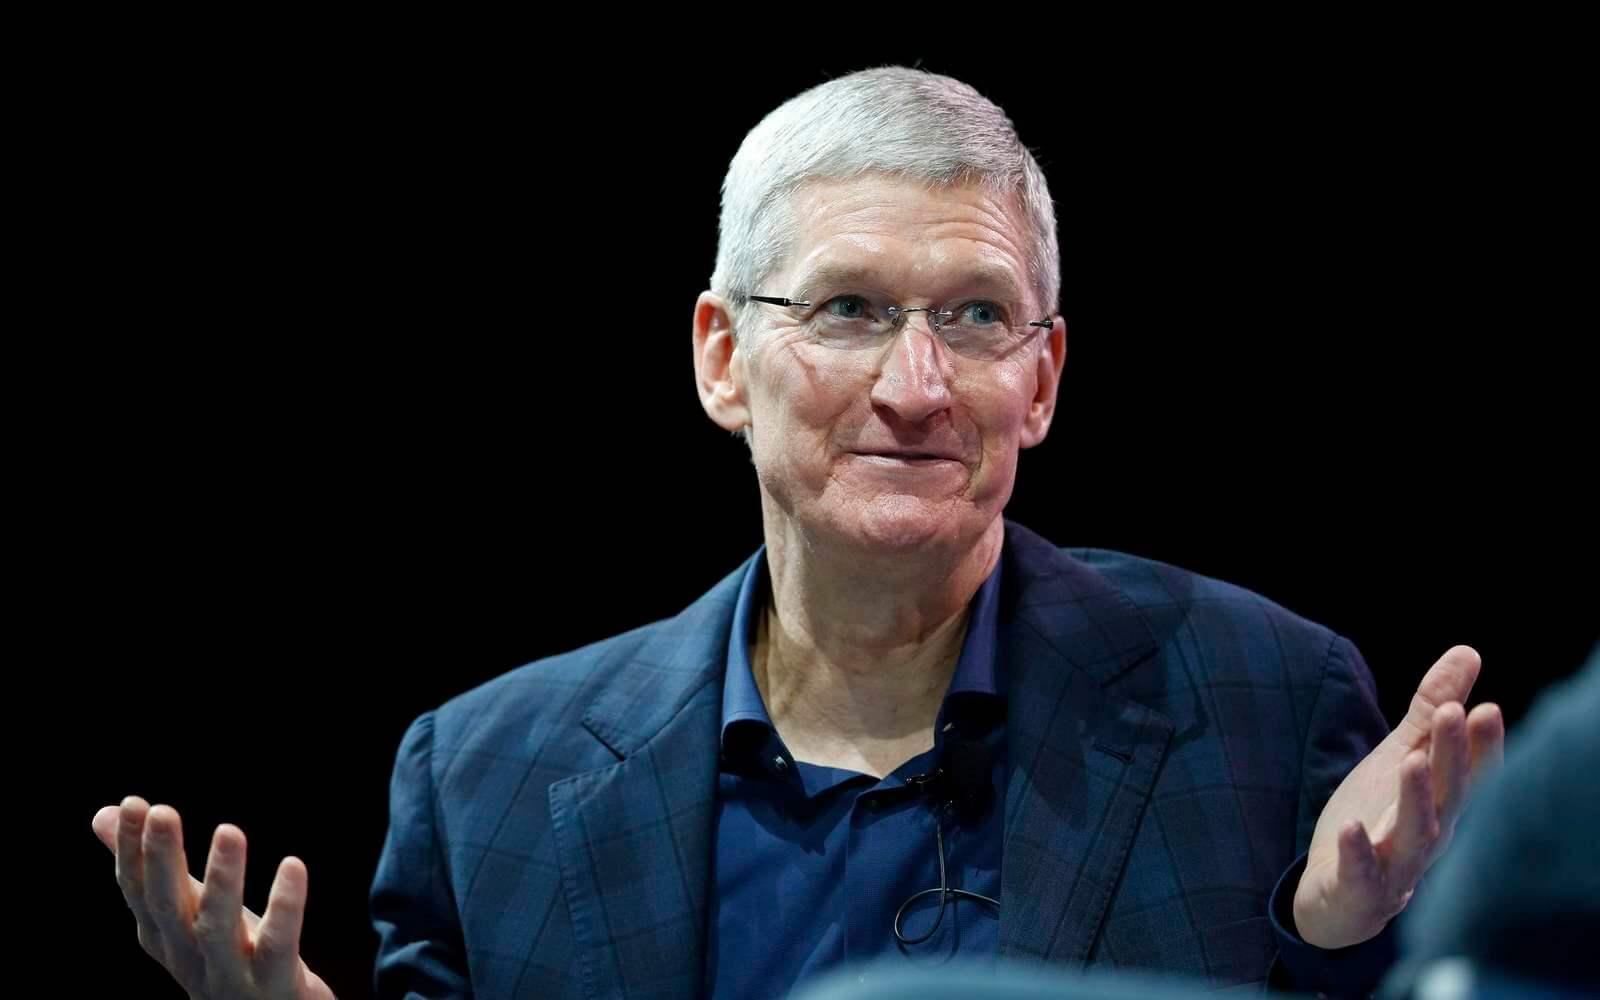 При Тиме Куке новинки Apple задерживаются чаще, чем при Джобсе